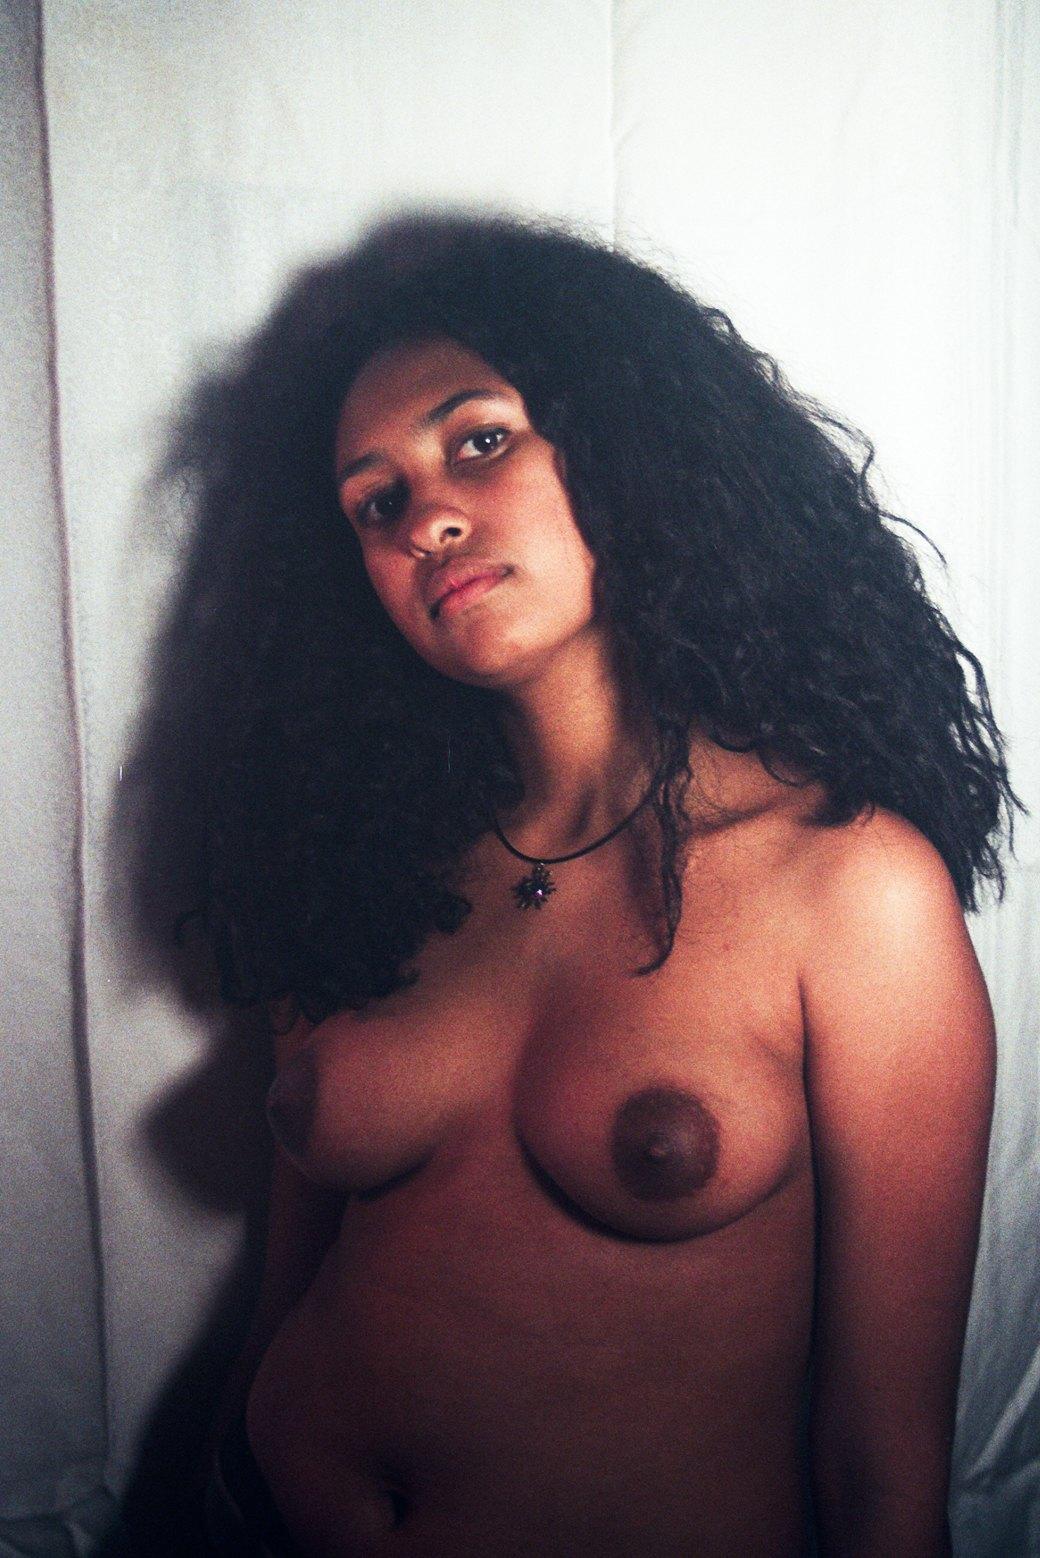 Фотопроект: Софи Дэй возвращает женщинам право на сексуальность. Изображение № 15.